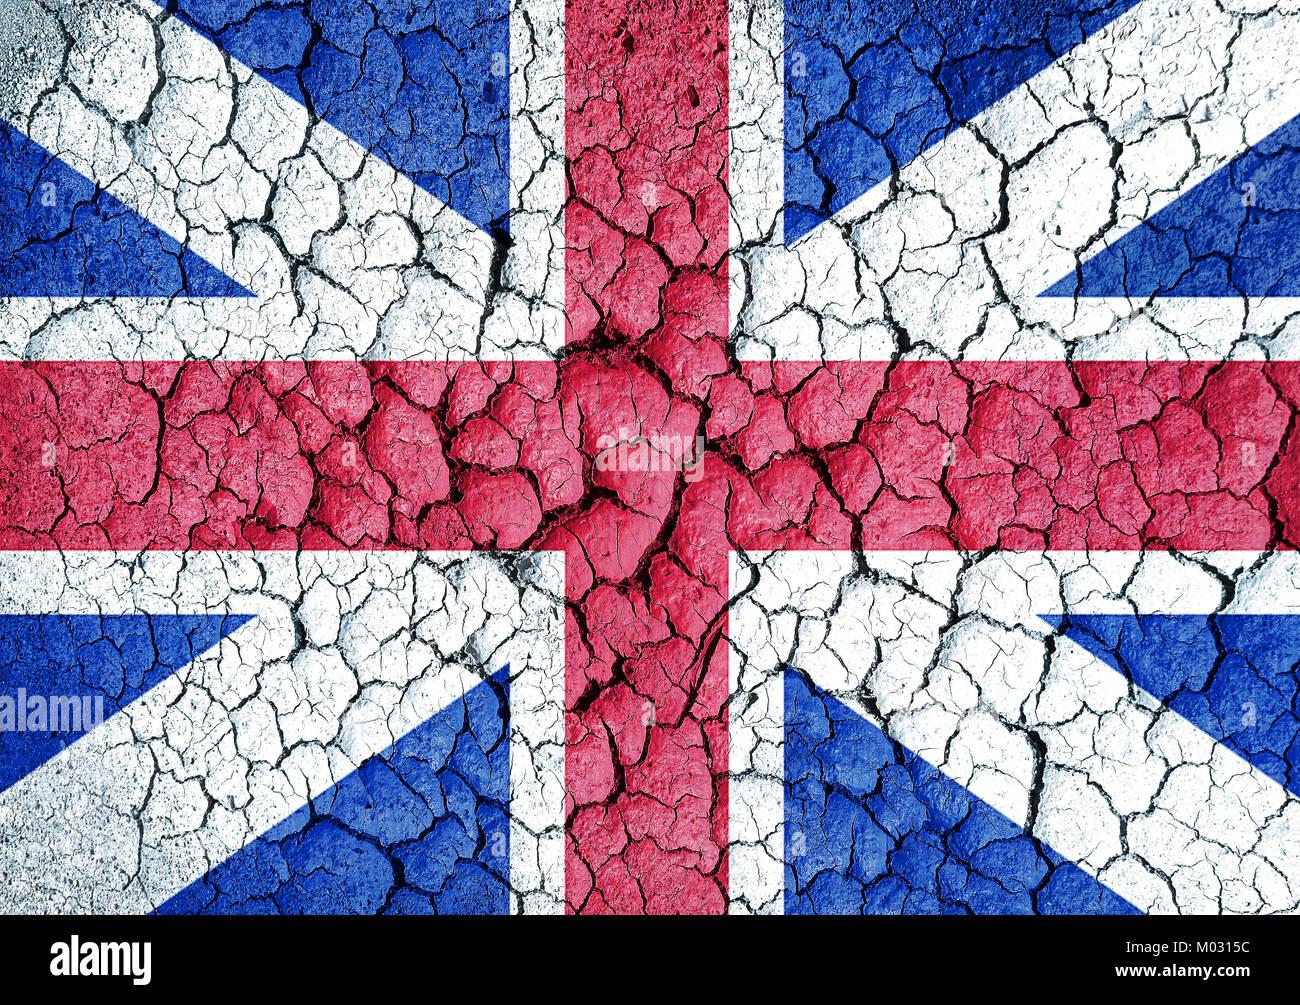 United Kingdom grunge flag - Stock Image